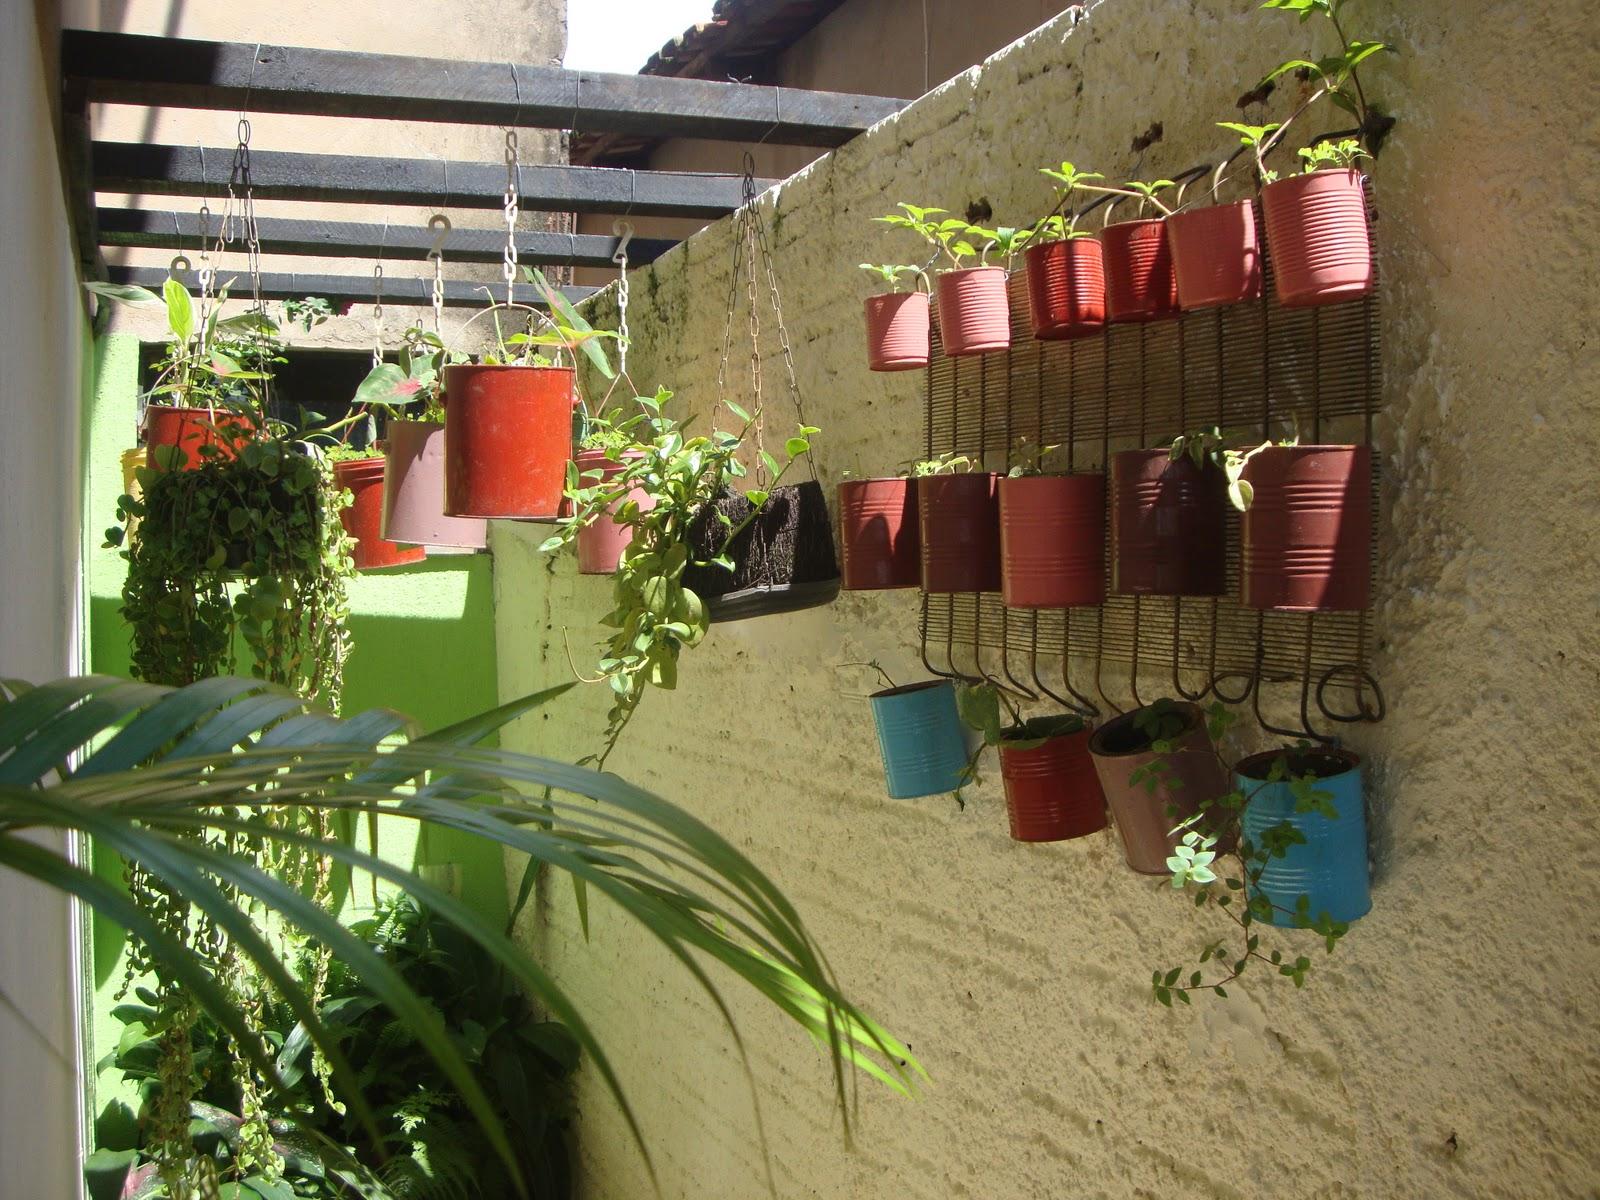 jardim vertical latas:17 47 marcadores bambus jardim vertical latas muros reciclagem